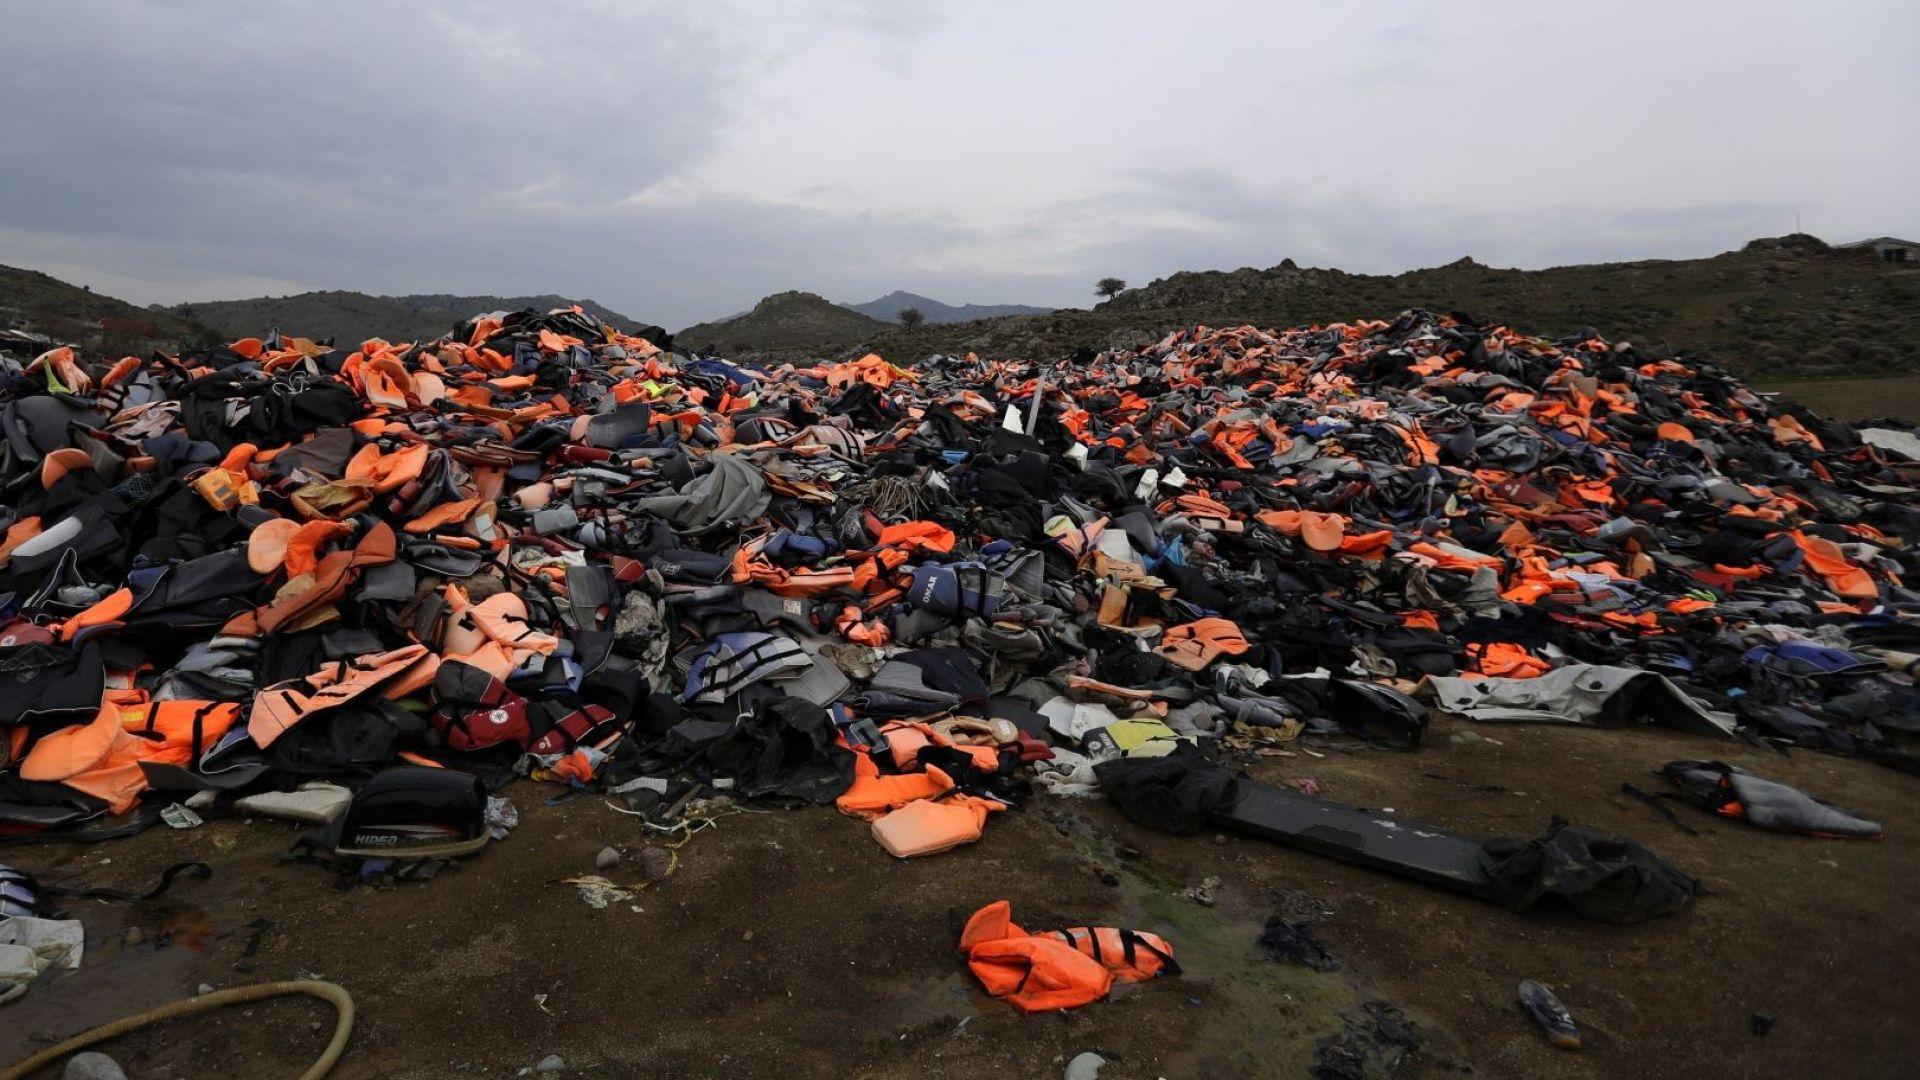 Снимка: Започна прехвърляне на близо 1500 бежанци от гръцкия остров Лесбос към континента